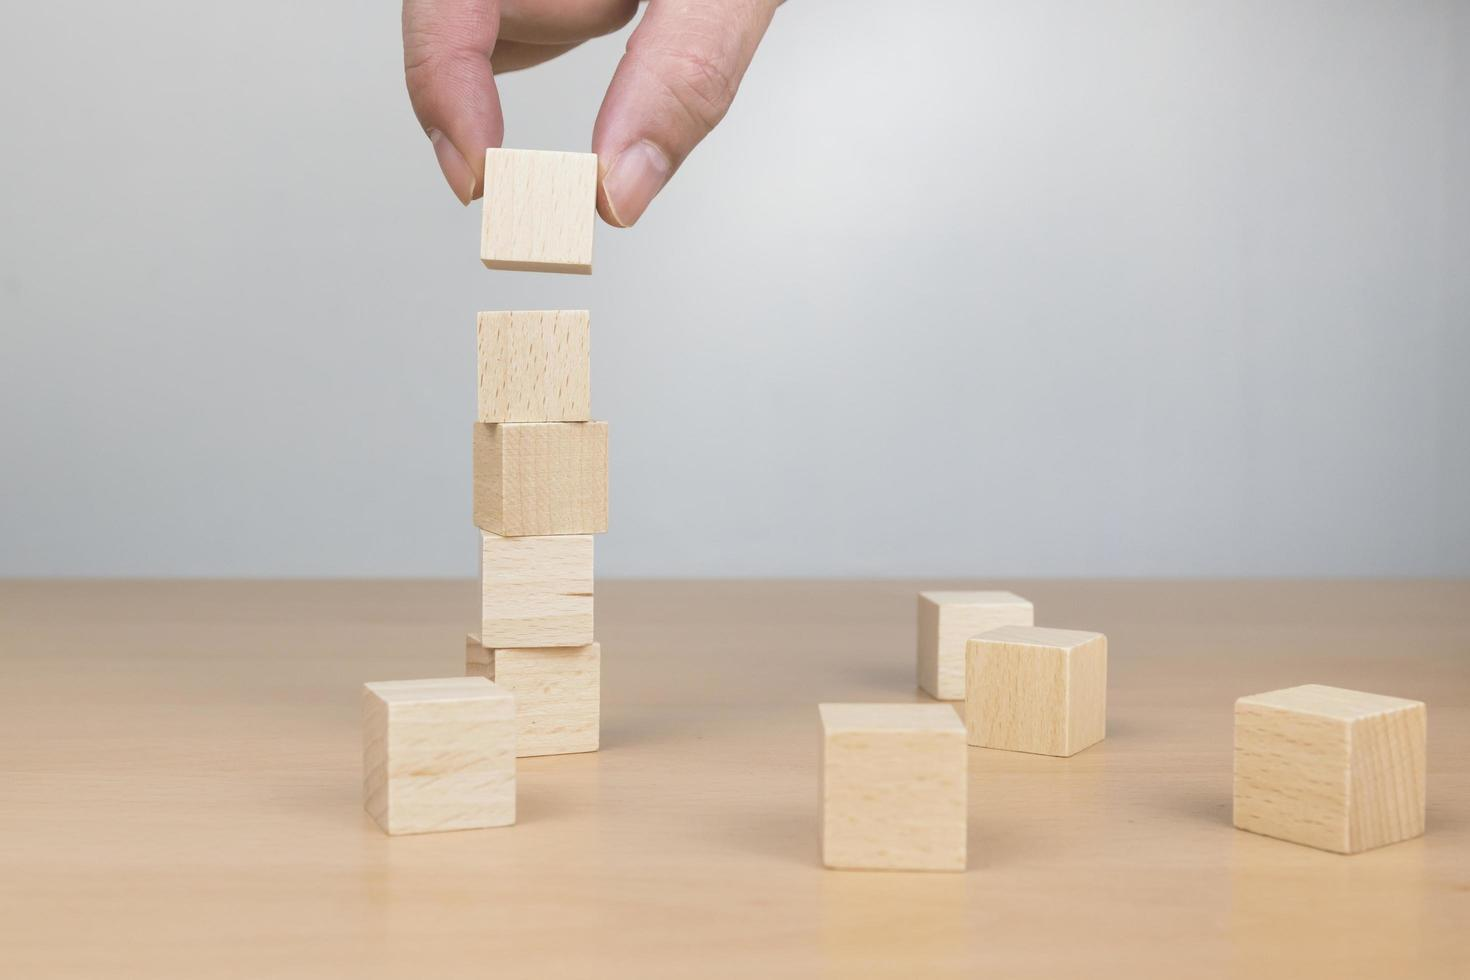 main organisant l'empilement de blocs de bois comme marche d'escalier sur une table en bois photo